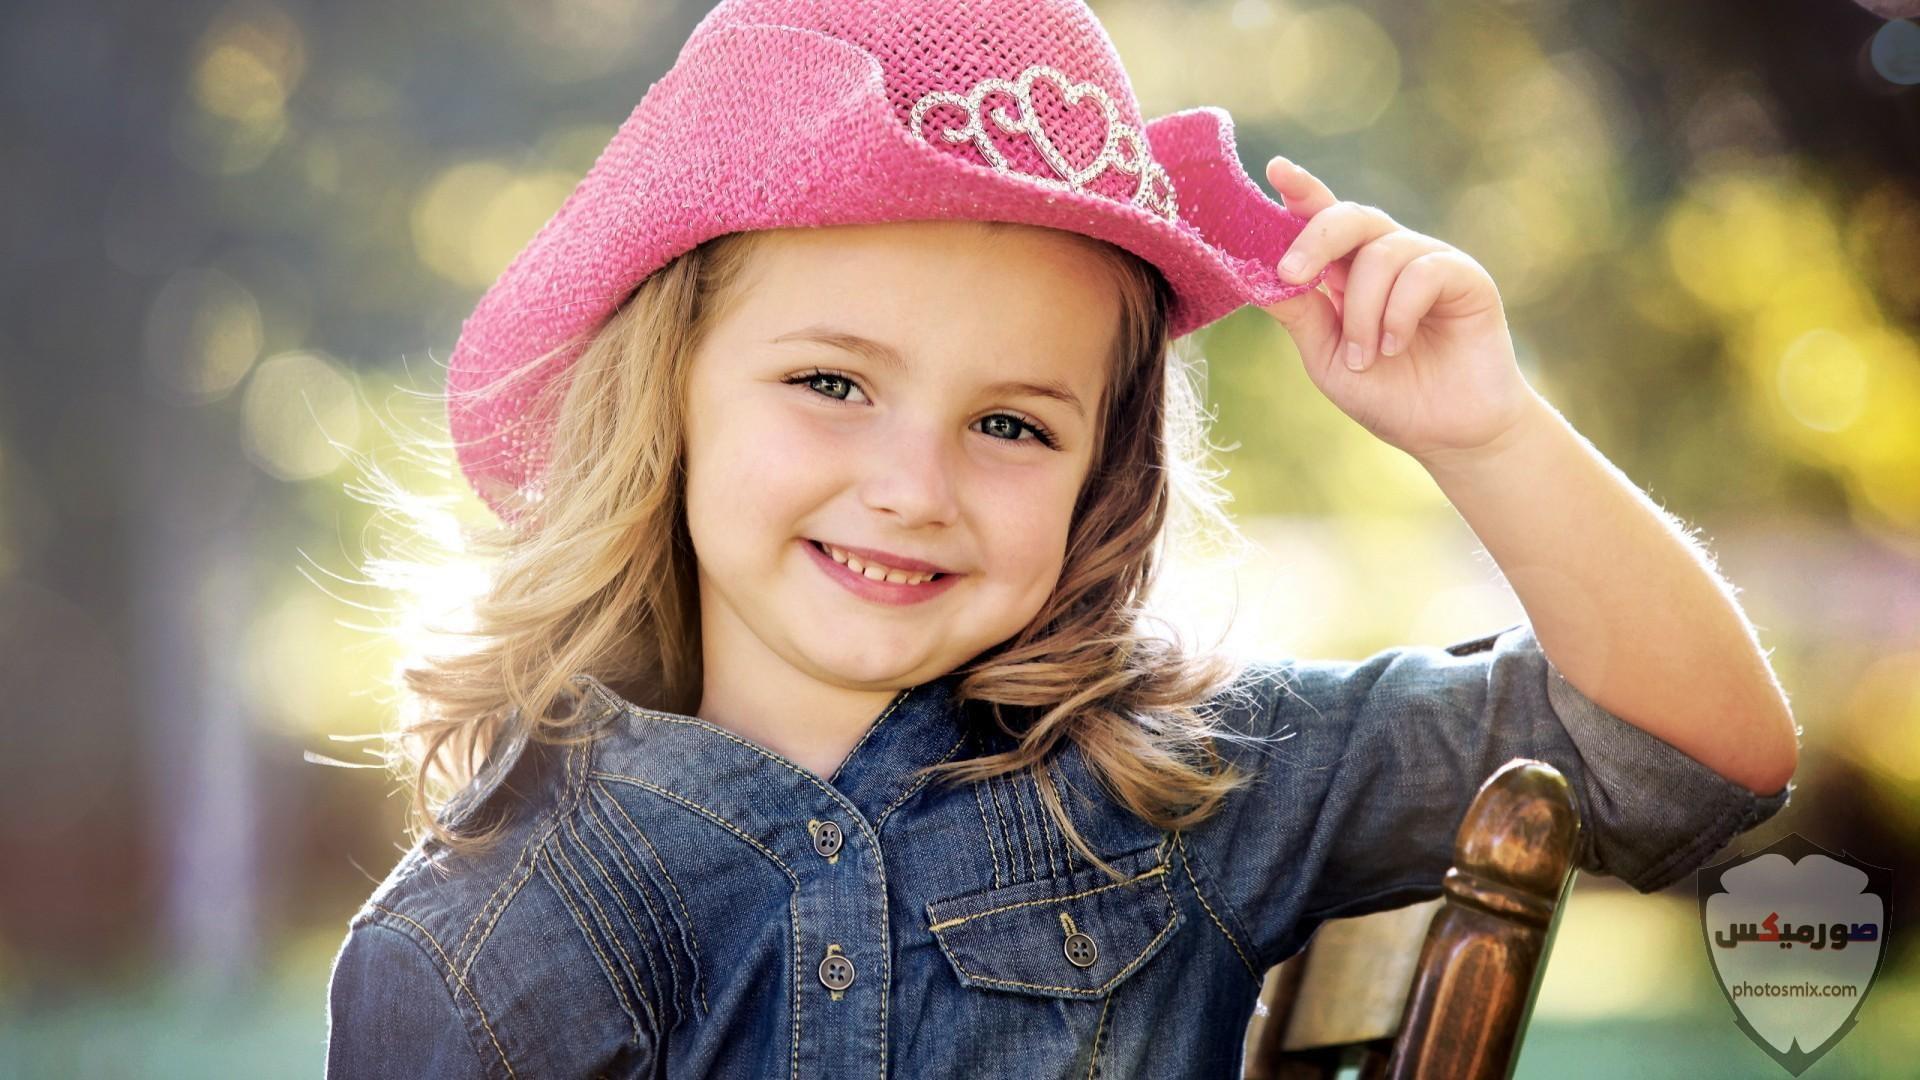 صور اطفال 2021 تحميل اكثر من 100 صور اطفال جميلة صور اطفال روعة 2020 44 1